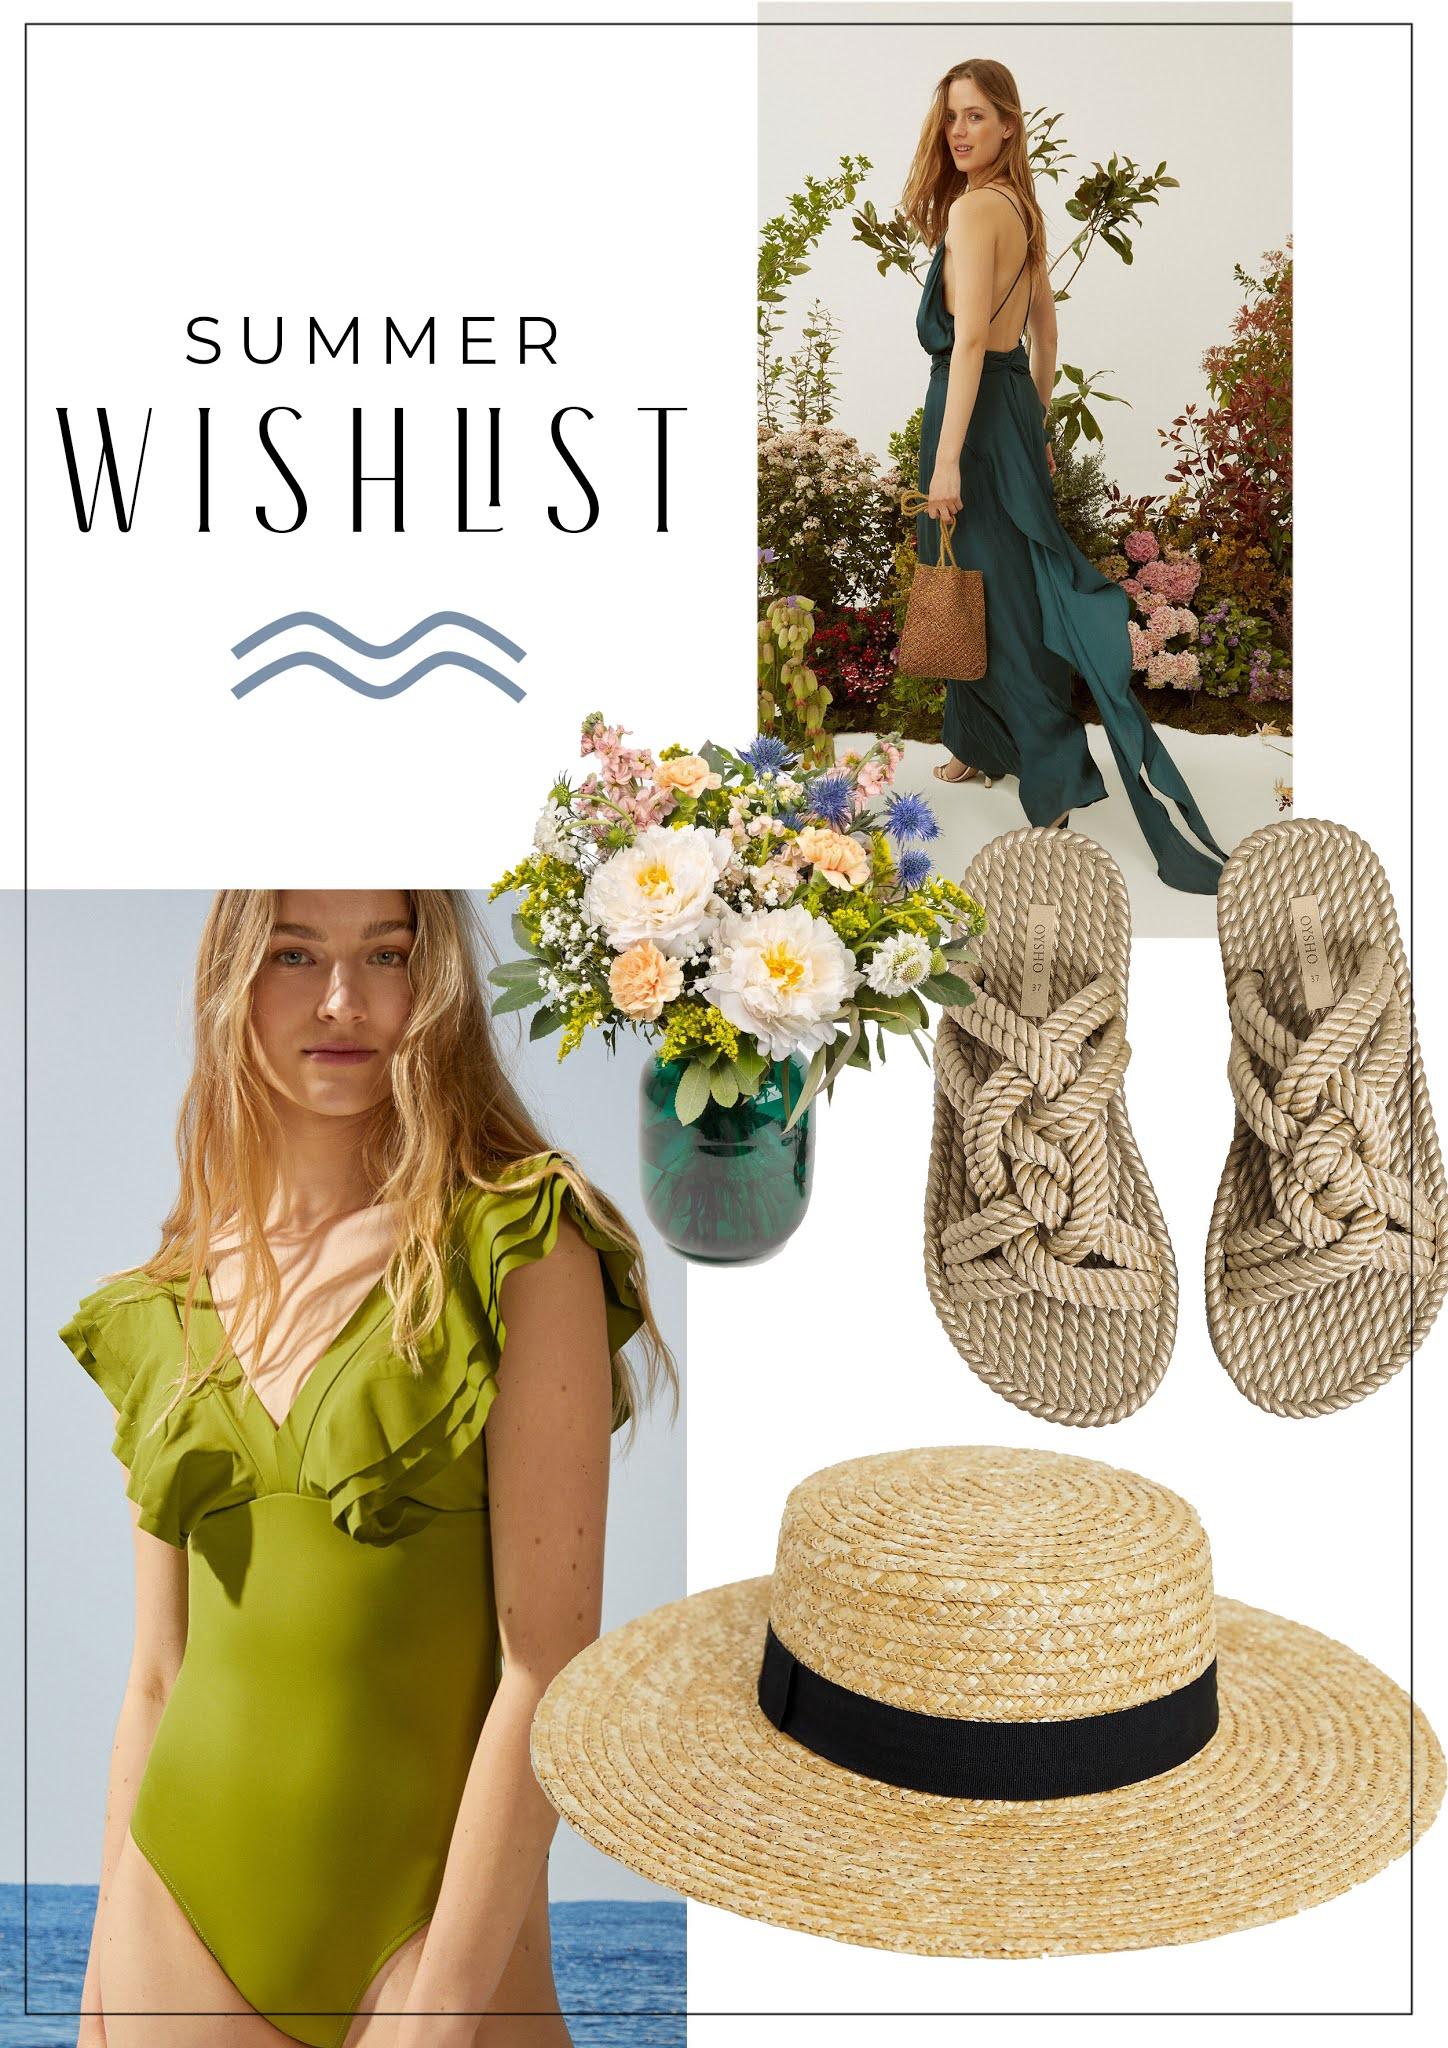 Summer wishlist | wide image